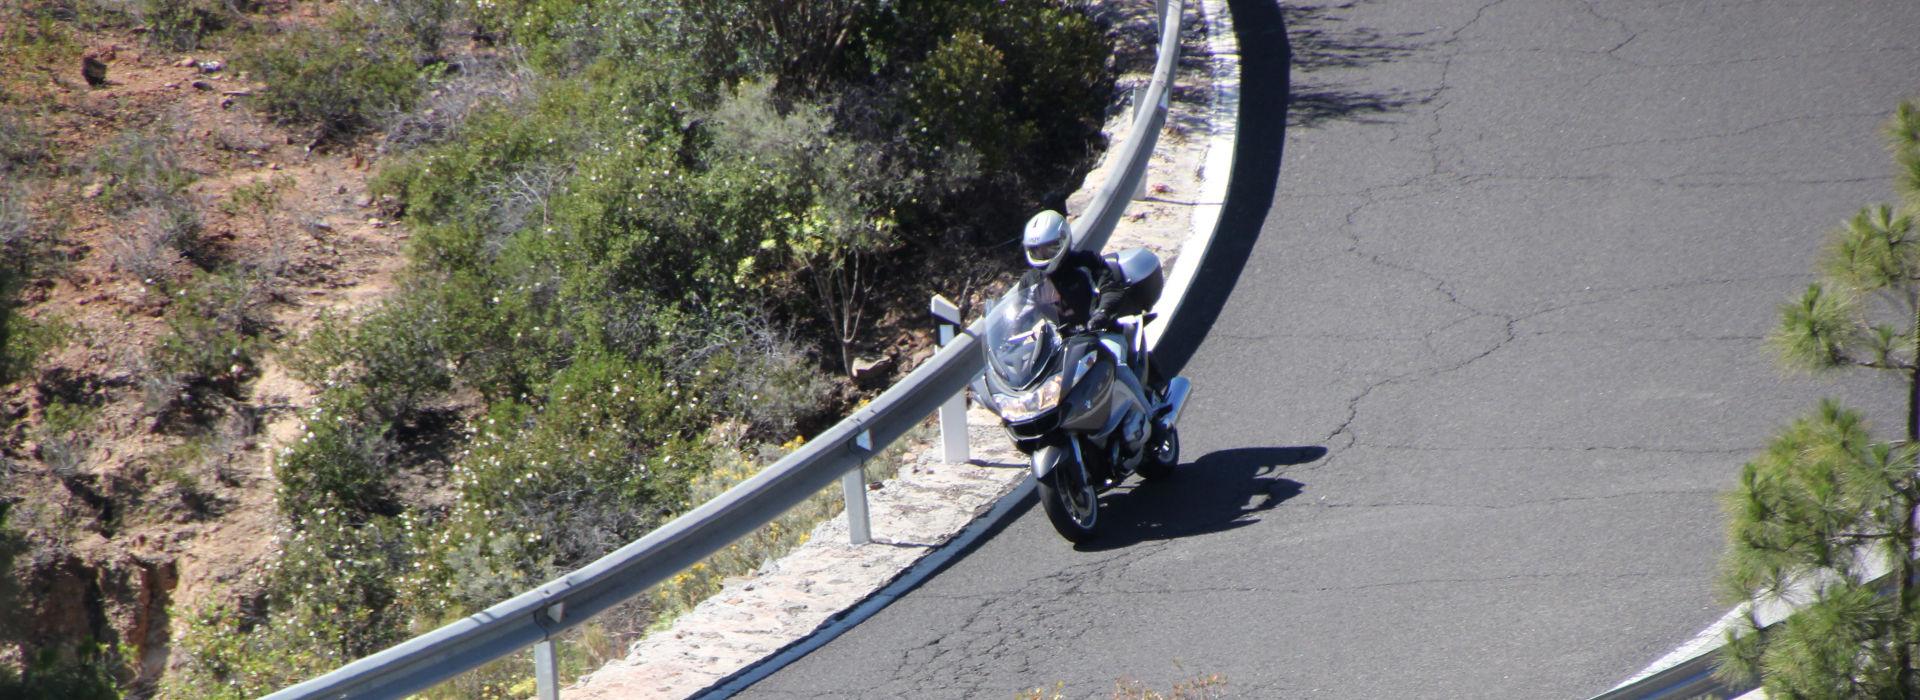 Motorrijbewijspoint Bingelrade spoed motorrijbewijs